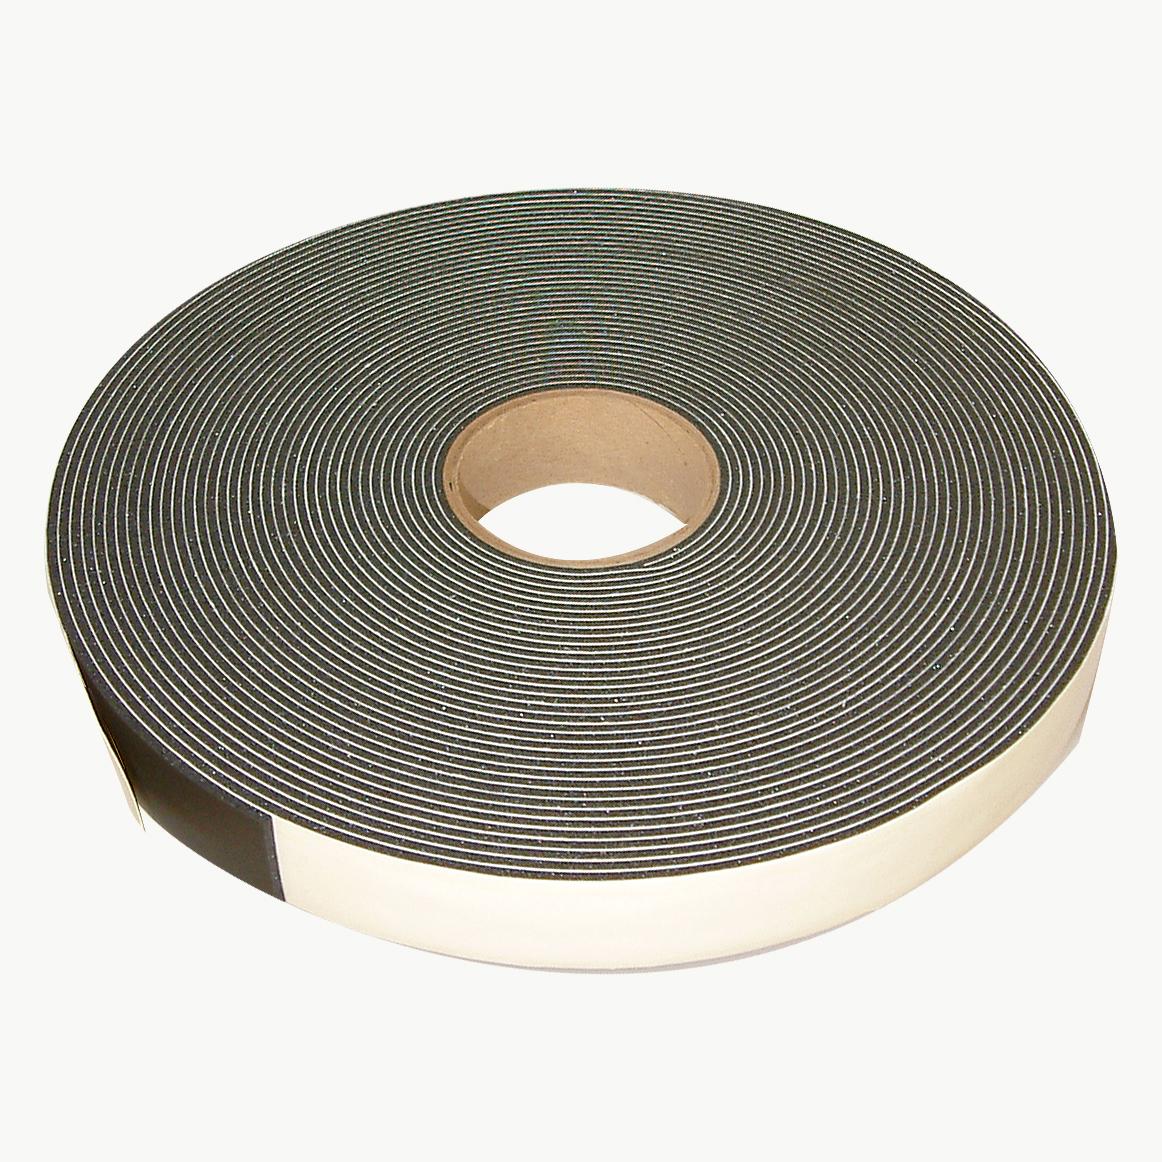 JVCC SCF-01 Single Coated PVC Foam Tape: 1/8 in. thick x 1-1/2 in. x 75 ft. (Black)